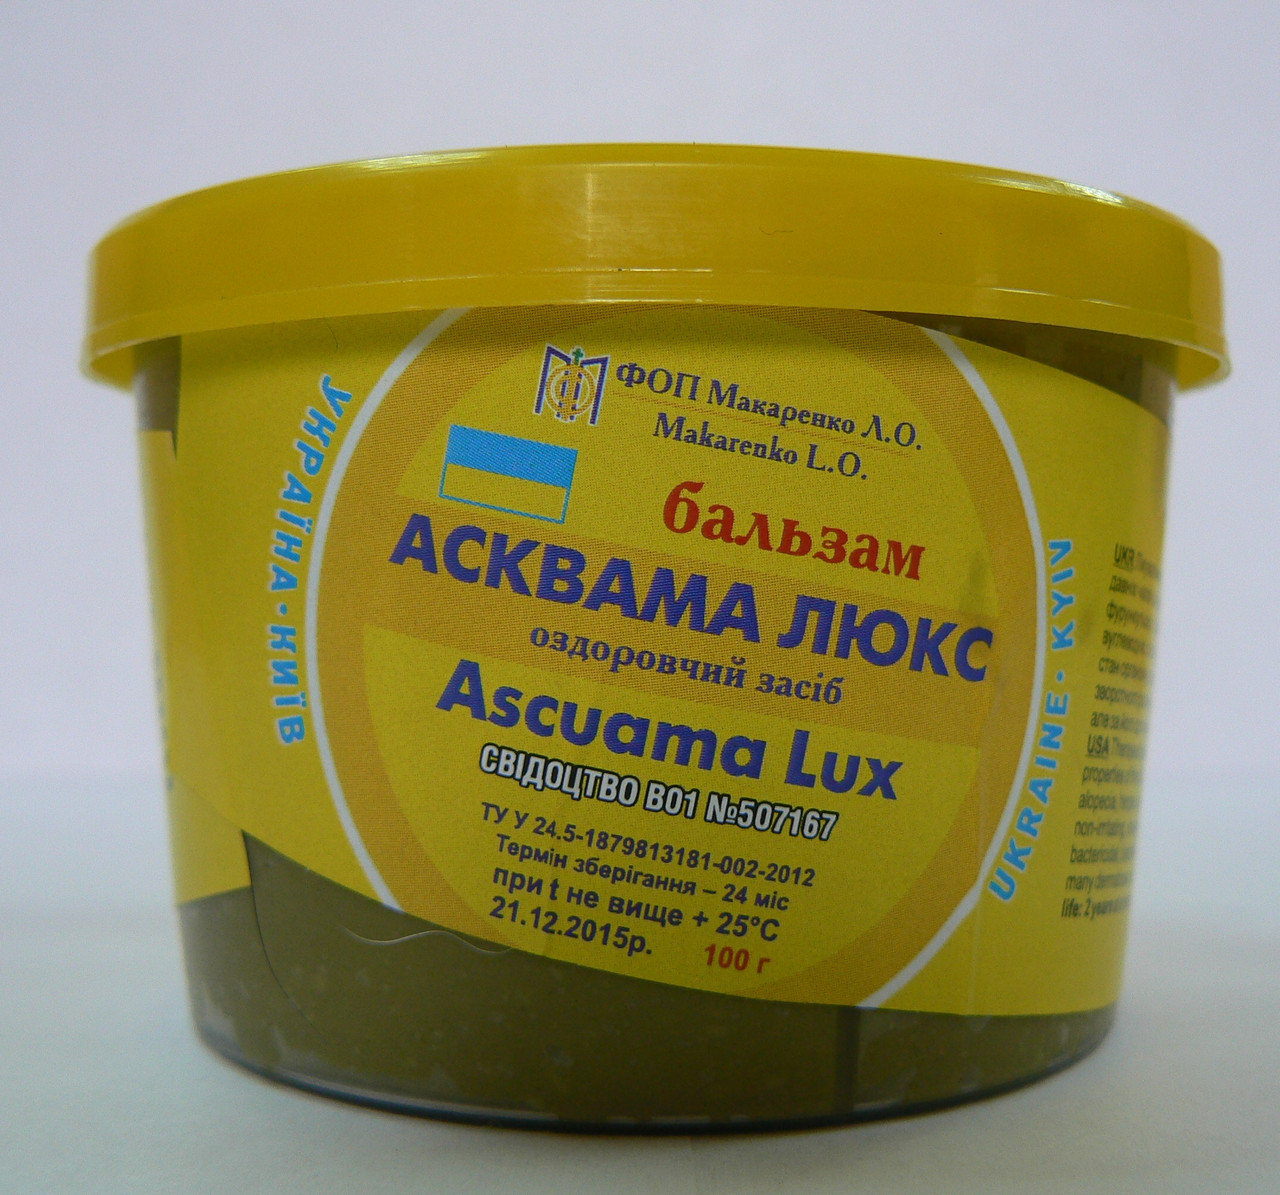 Асквама бальзам дерматологический (от псориаза) 30г